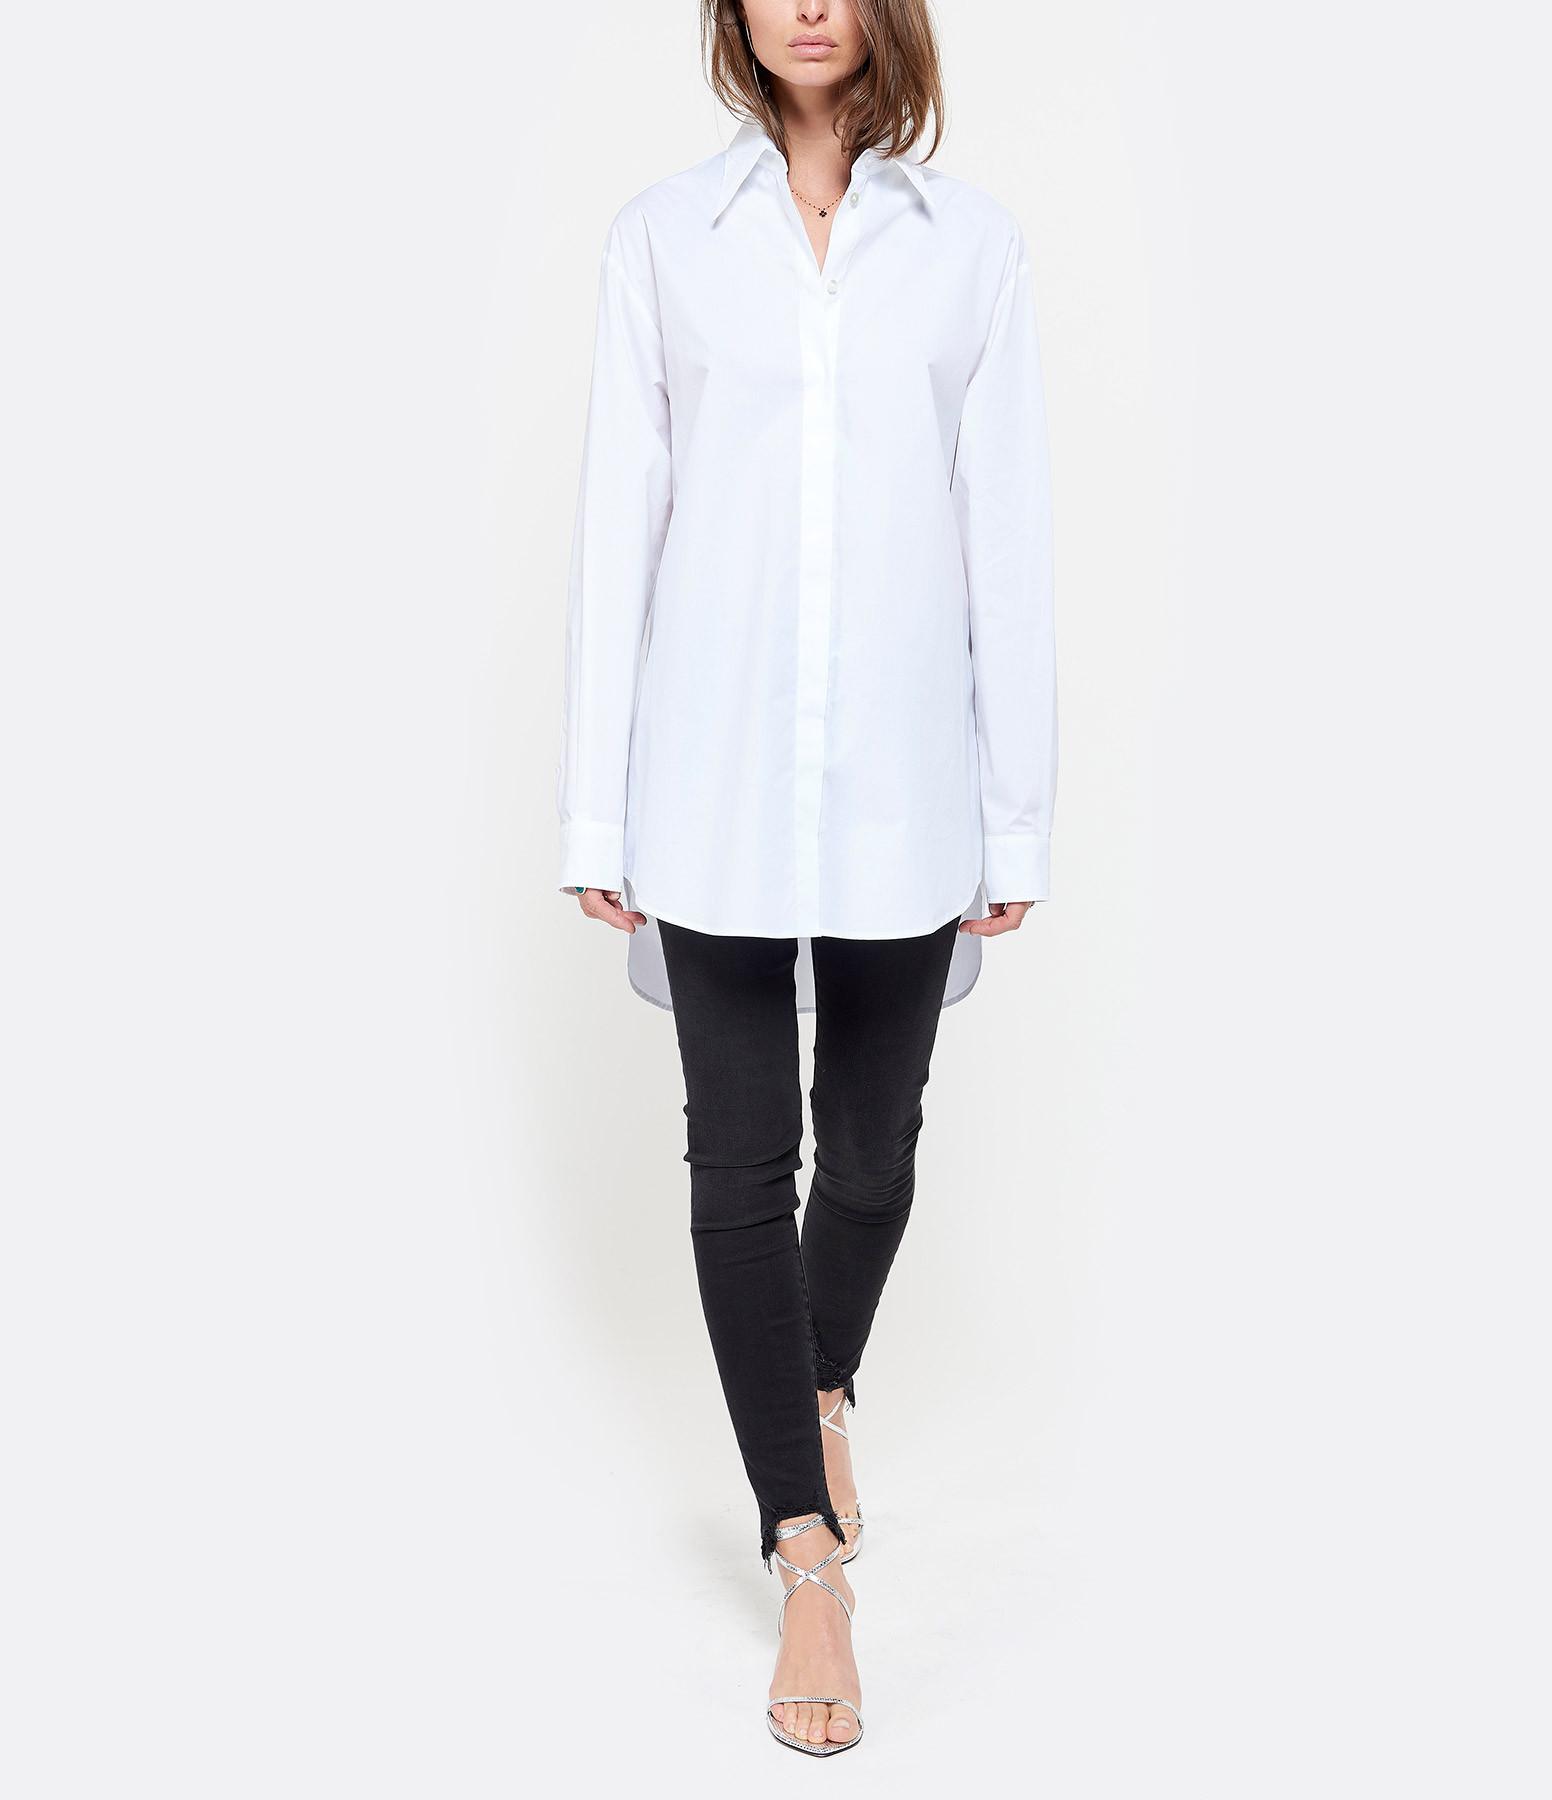 MM6 MAISON MARGIELA - Chemise Imprimé Dos Coton Blanc, Collection Studio